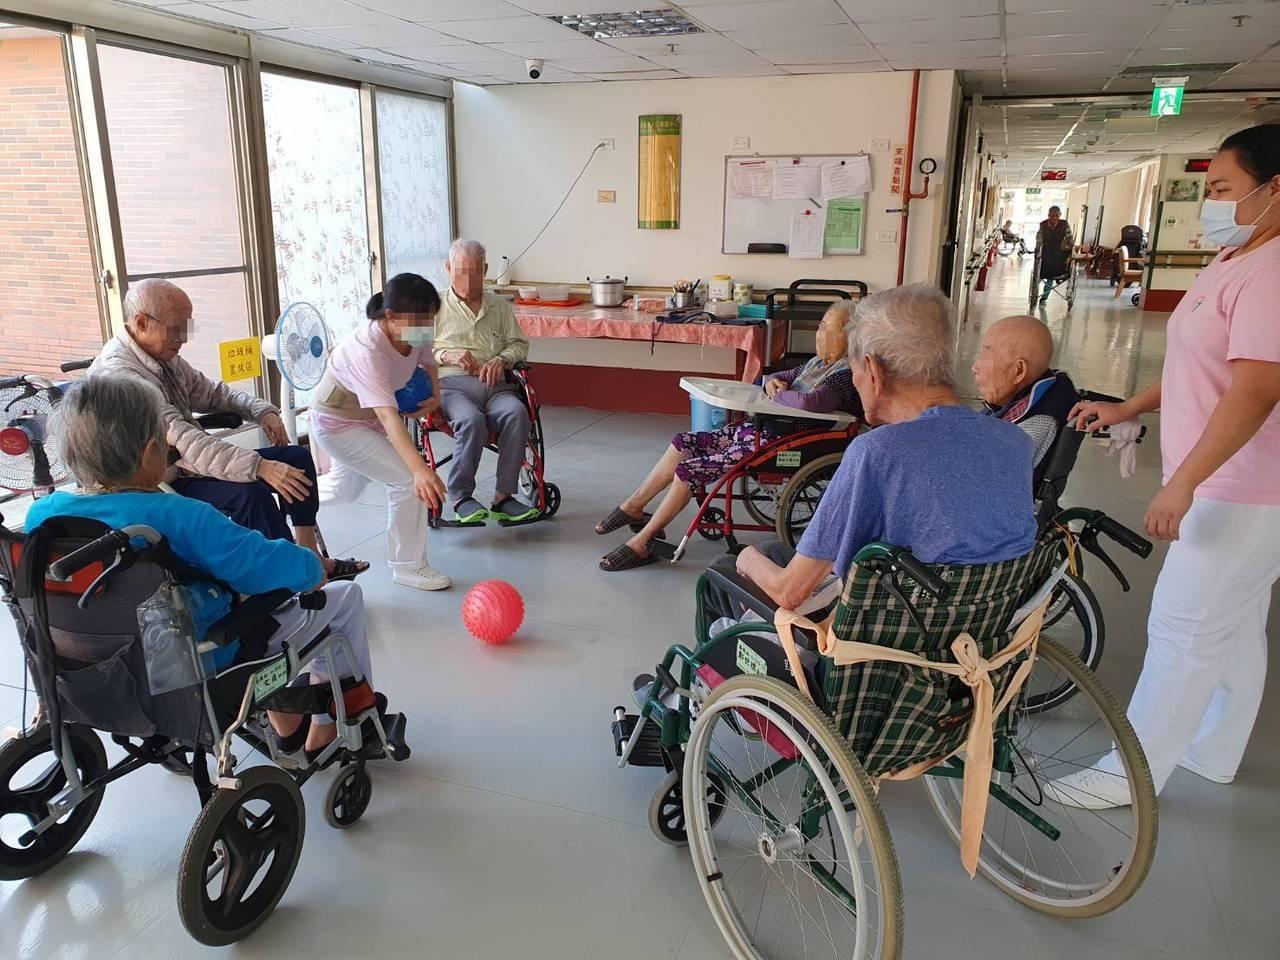 住宿型養護機構照服員工作頗具挑戰性。圖/至善中心提供